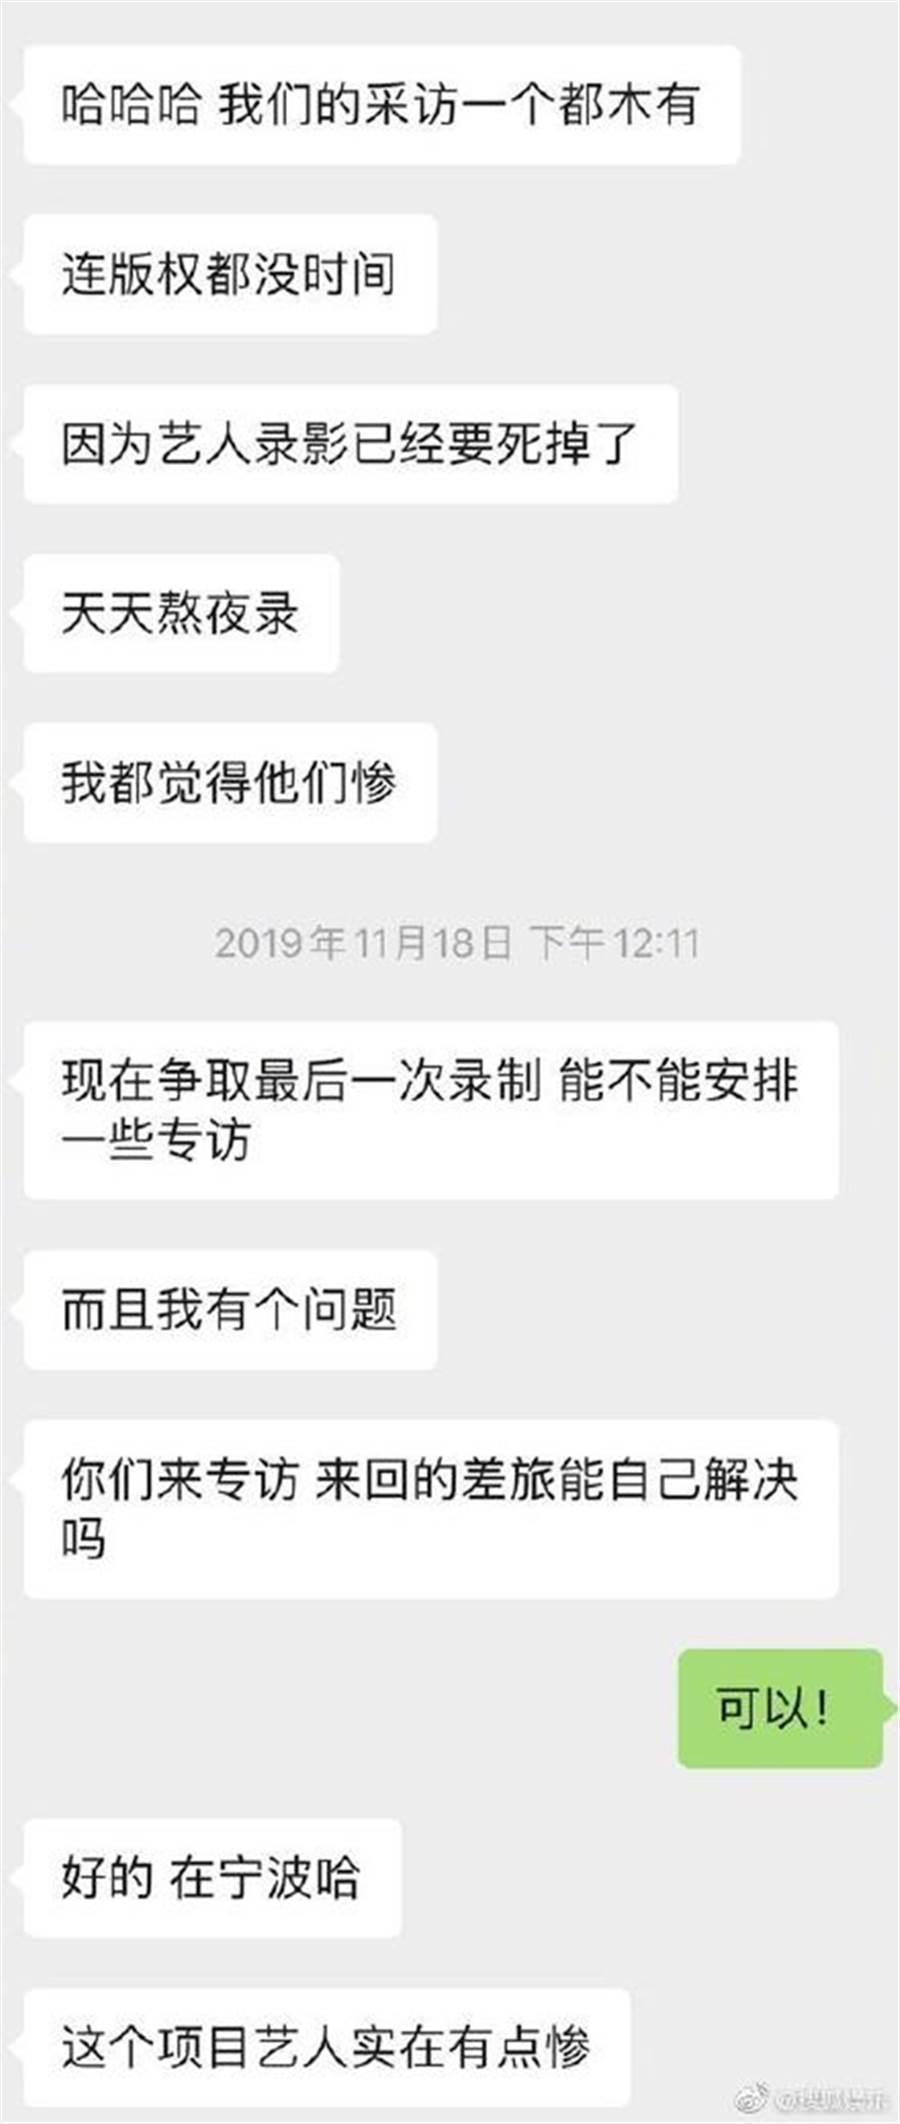 《追我吧》劇組工作人員與媒體對話疑曝光。(圖/翻攝自搜狐娛樂微博)